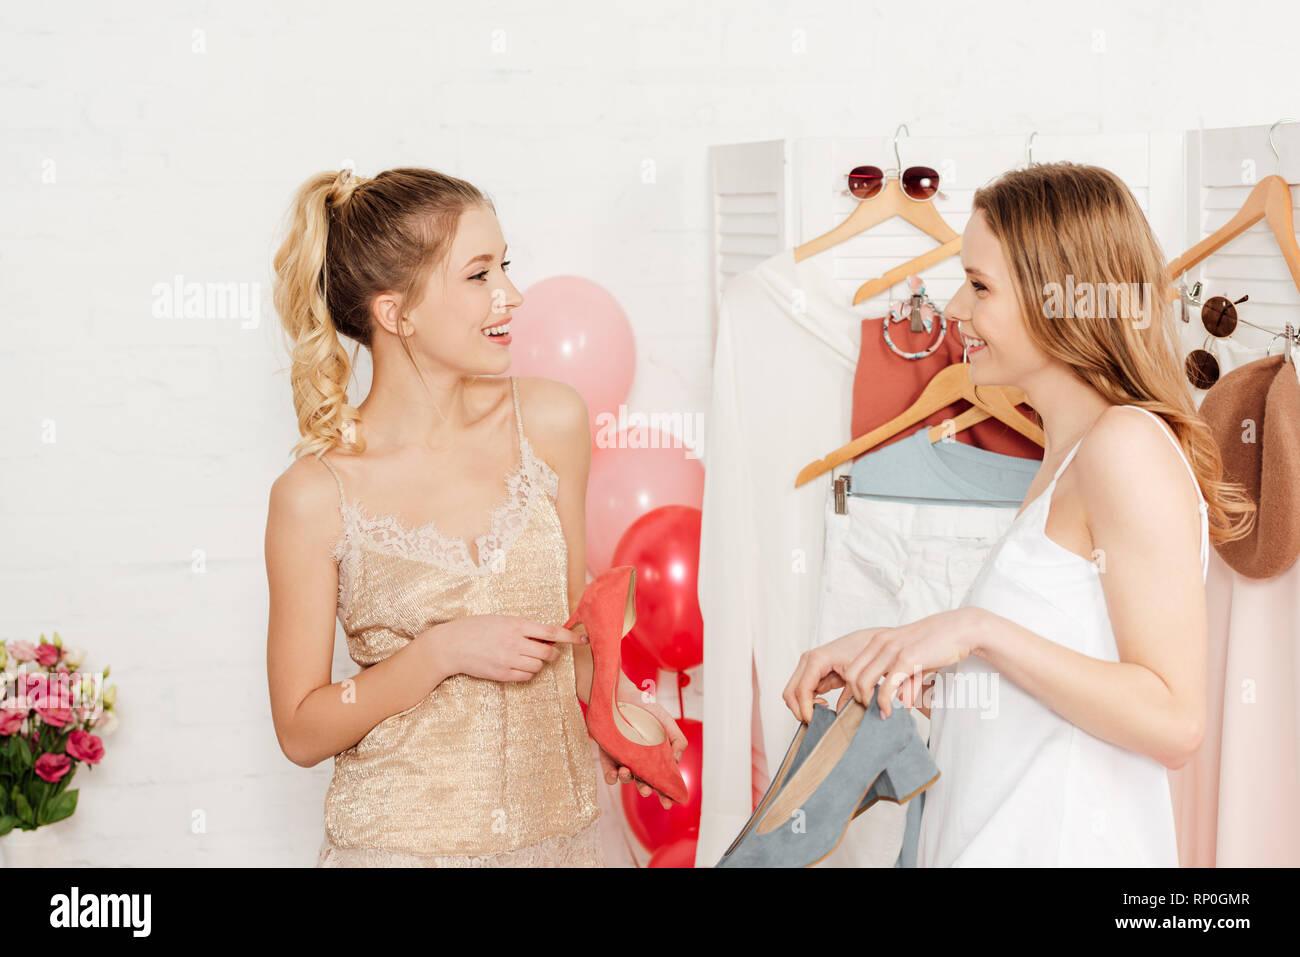 beautiful smiling girls talking while choosing footwear in wardrobe - Stock Image